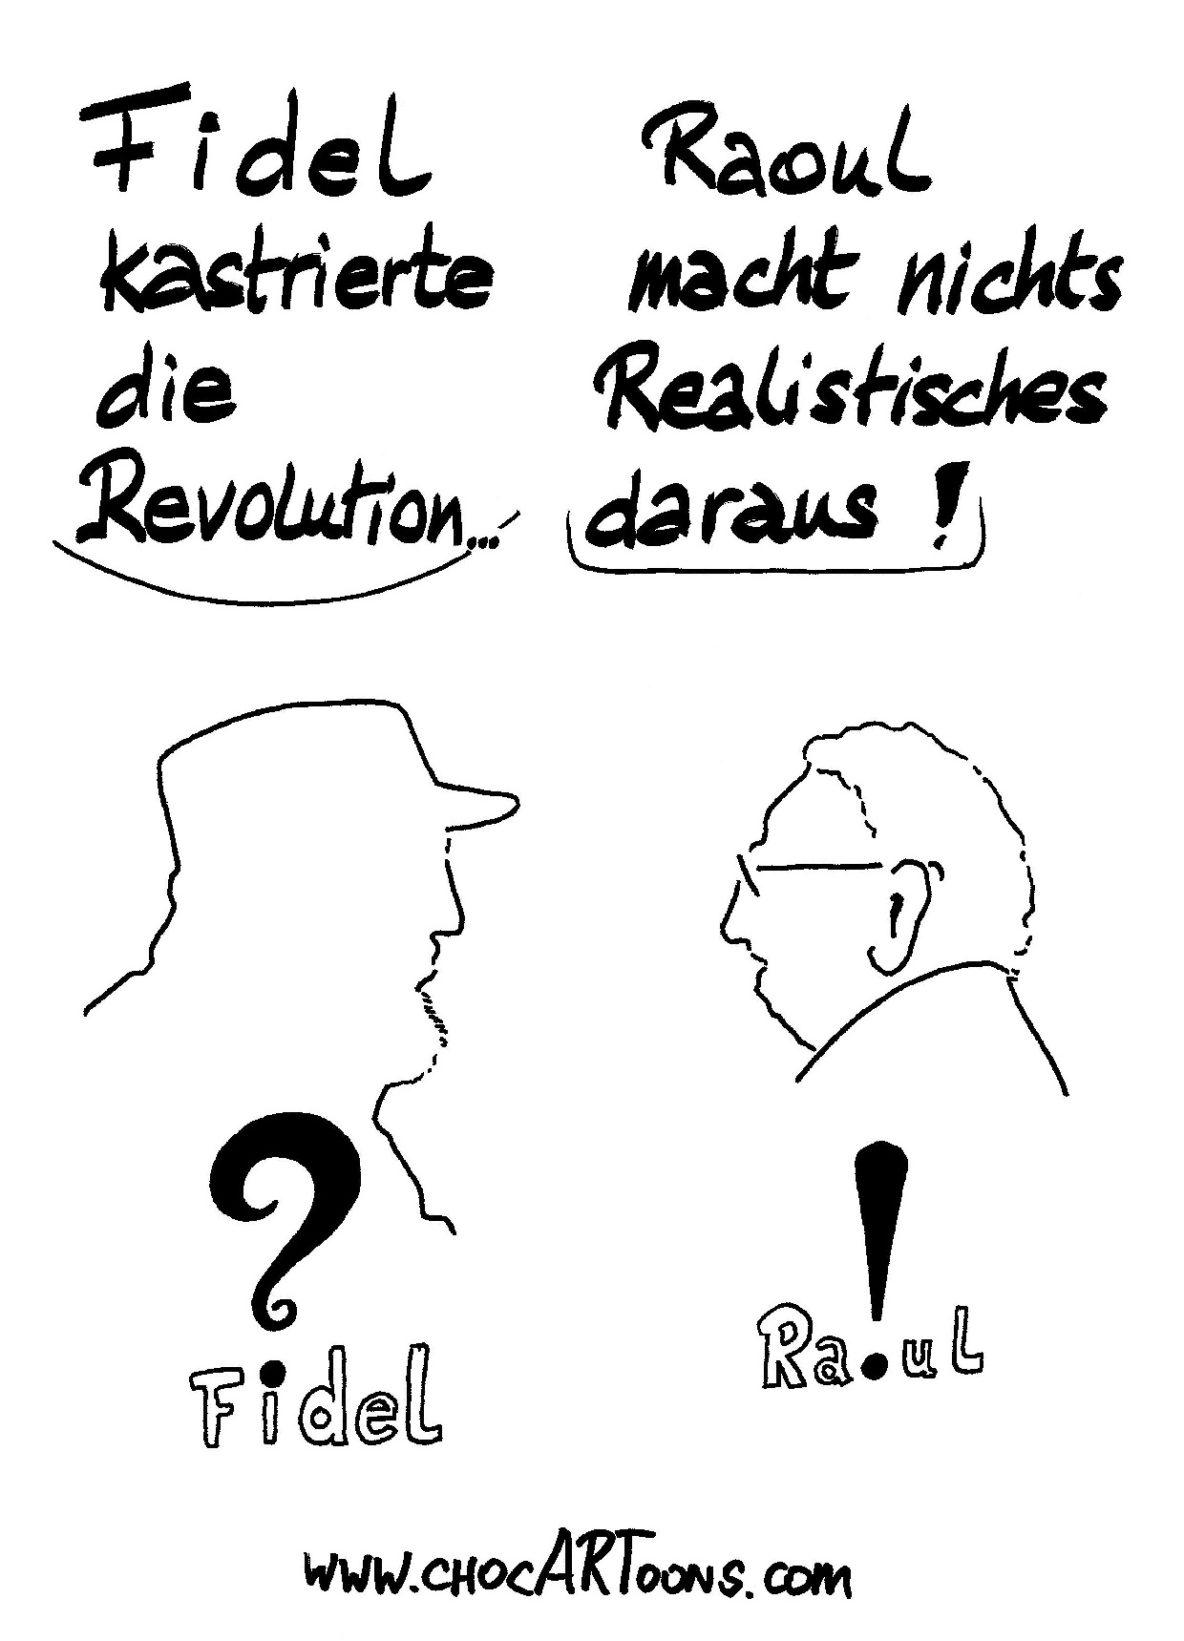 FIDEL & RAOUL CASTRO